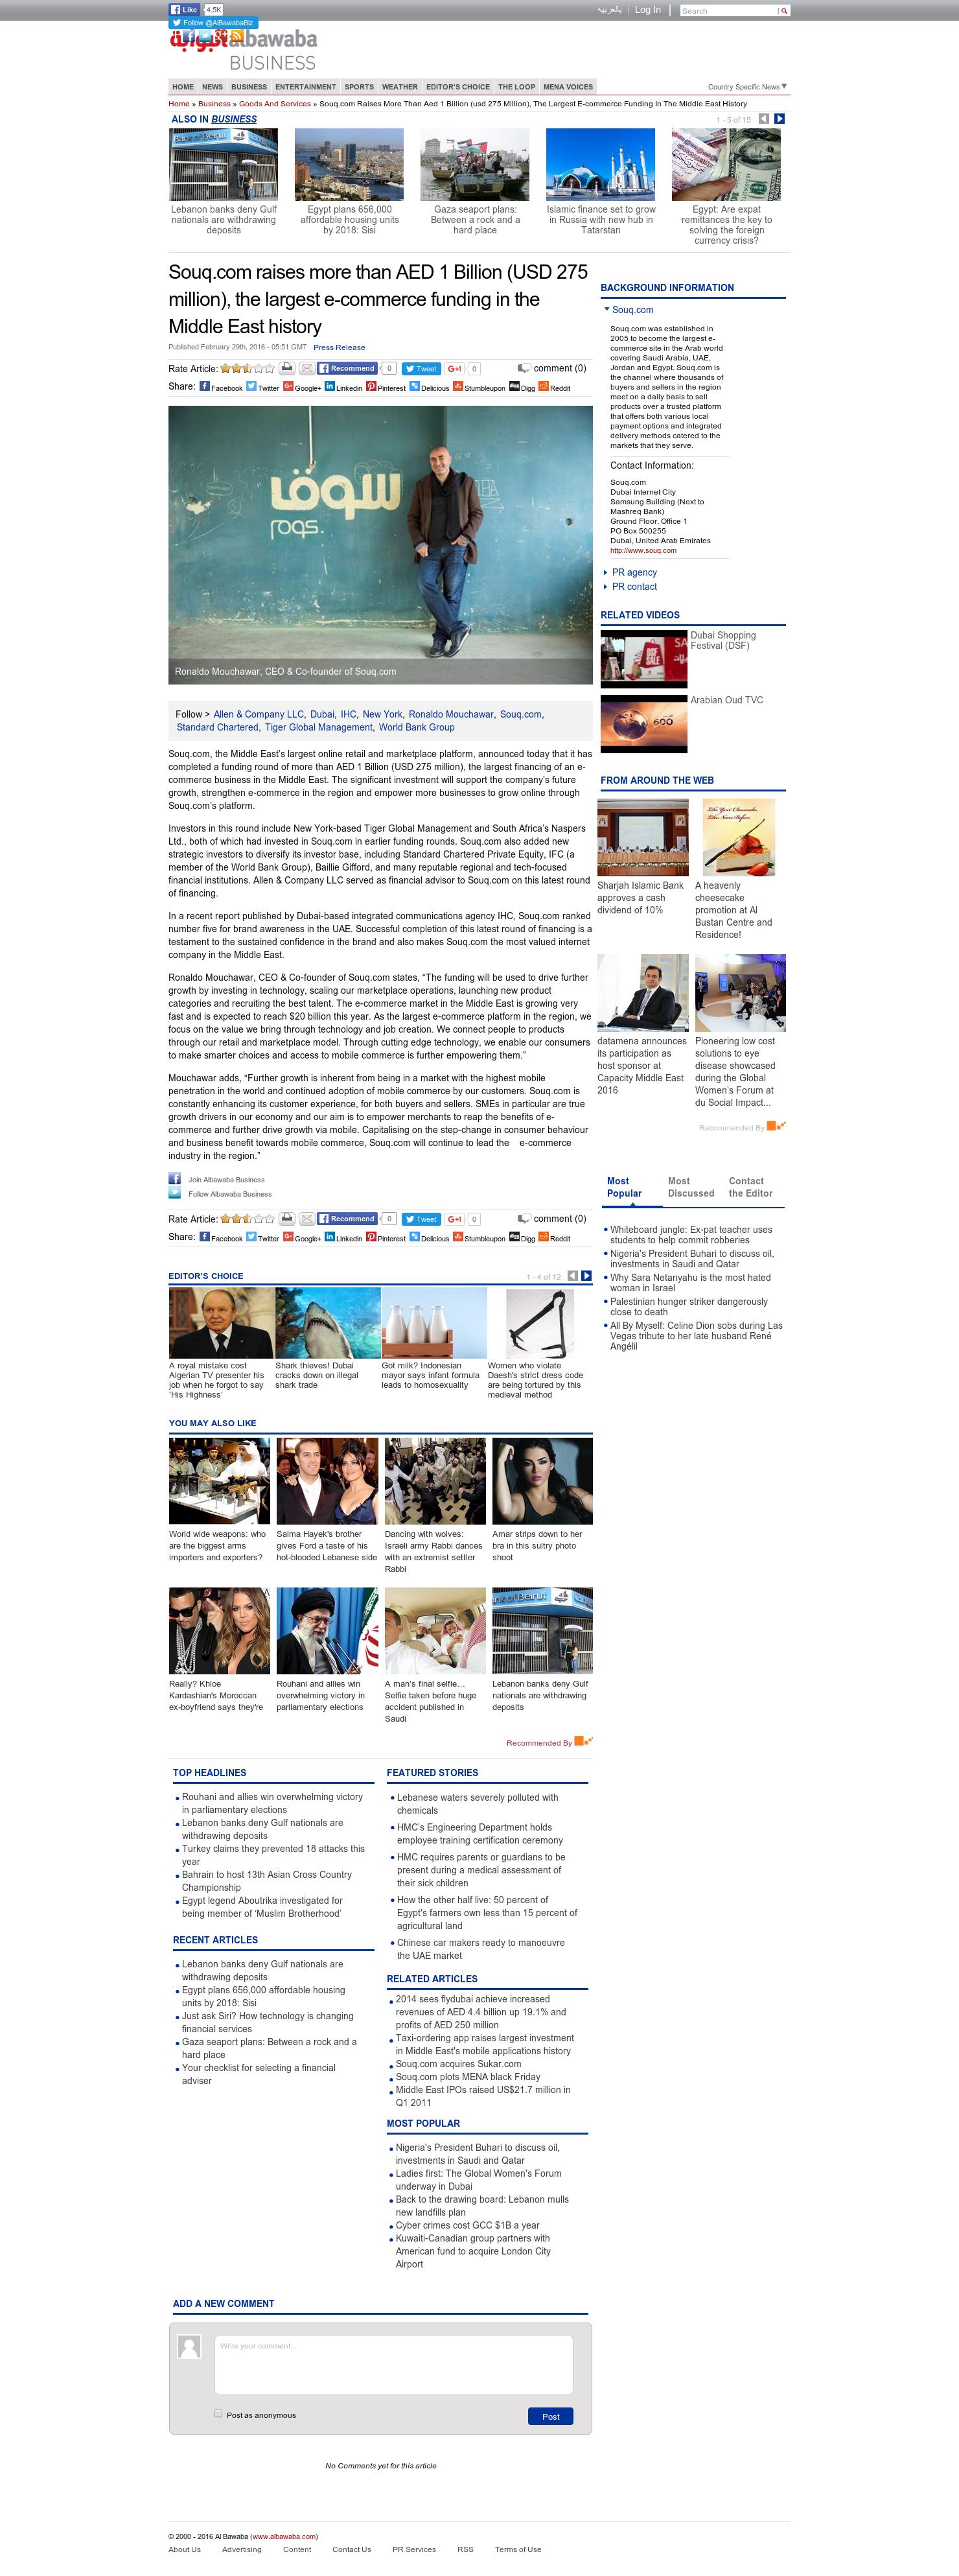 Souq com raises more than AED 1 Billion (USD 275 million), the